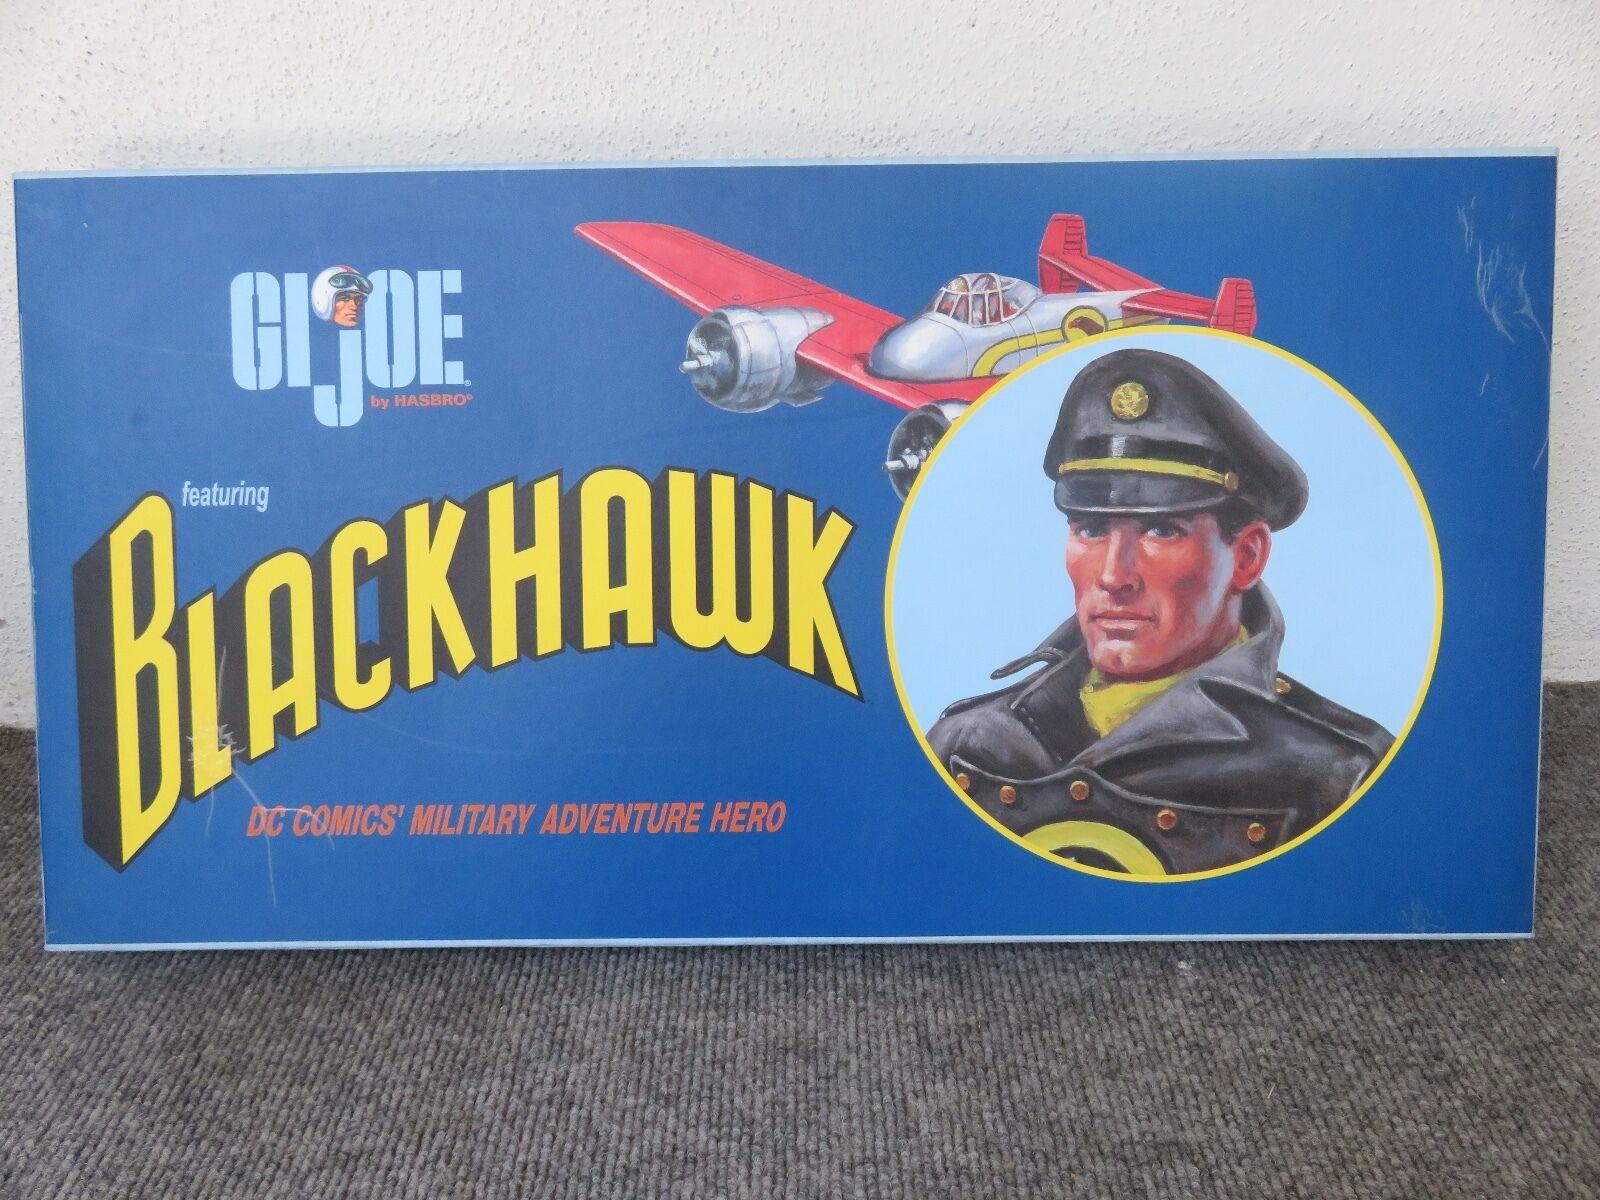 G.I. Joe Dreams & visiones DC COMICS negrohawk + conjuntos de rescate de aire y las tropas de hielo